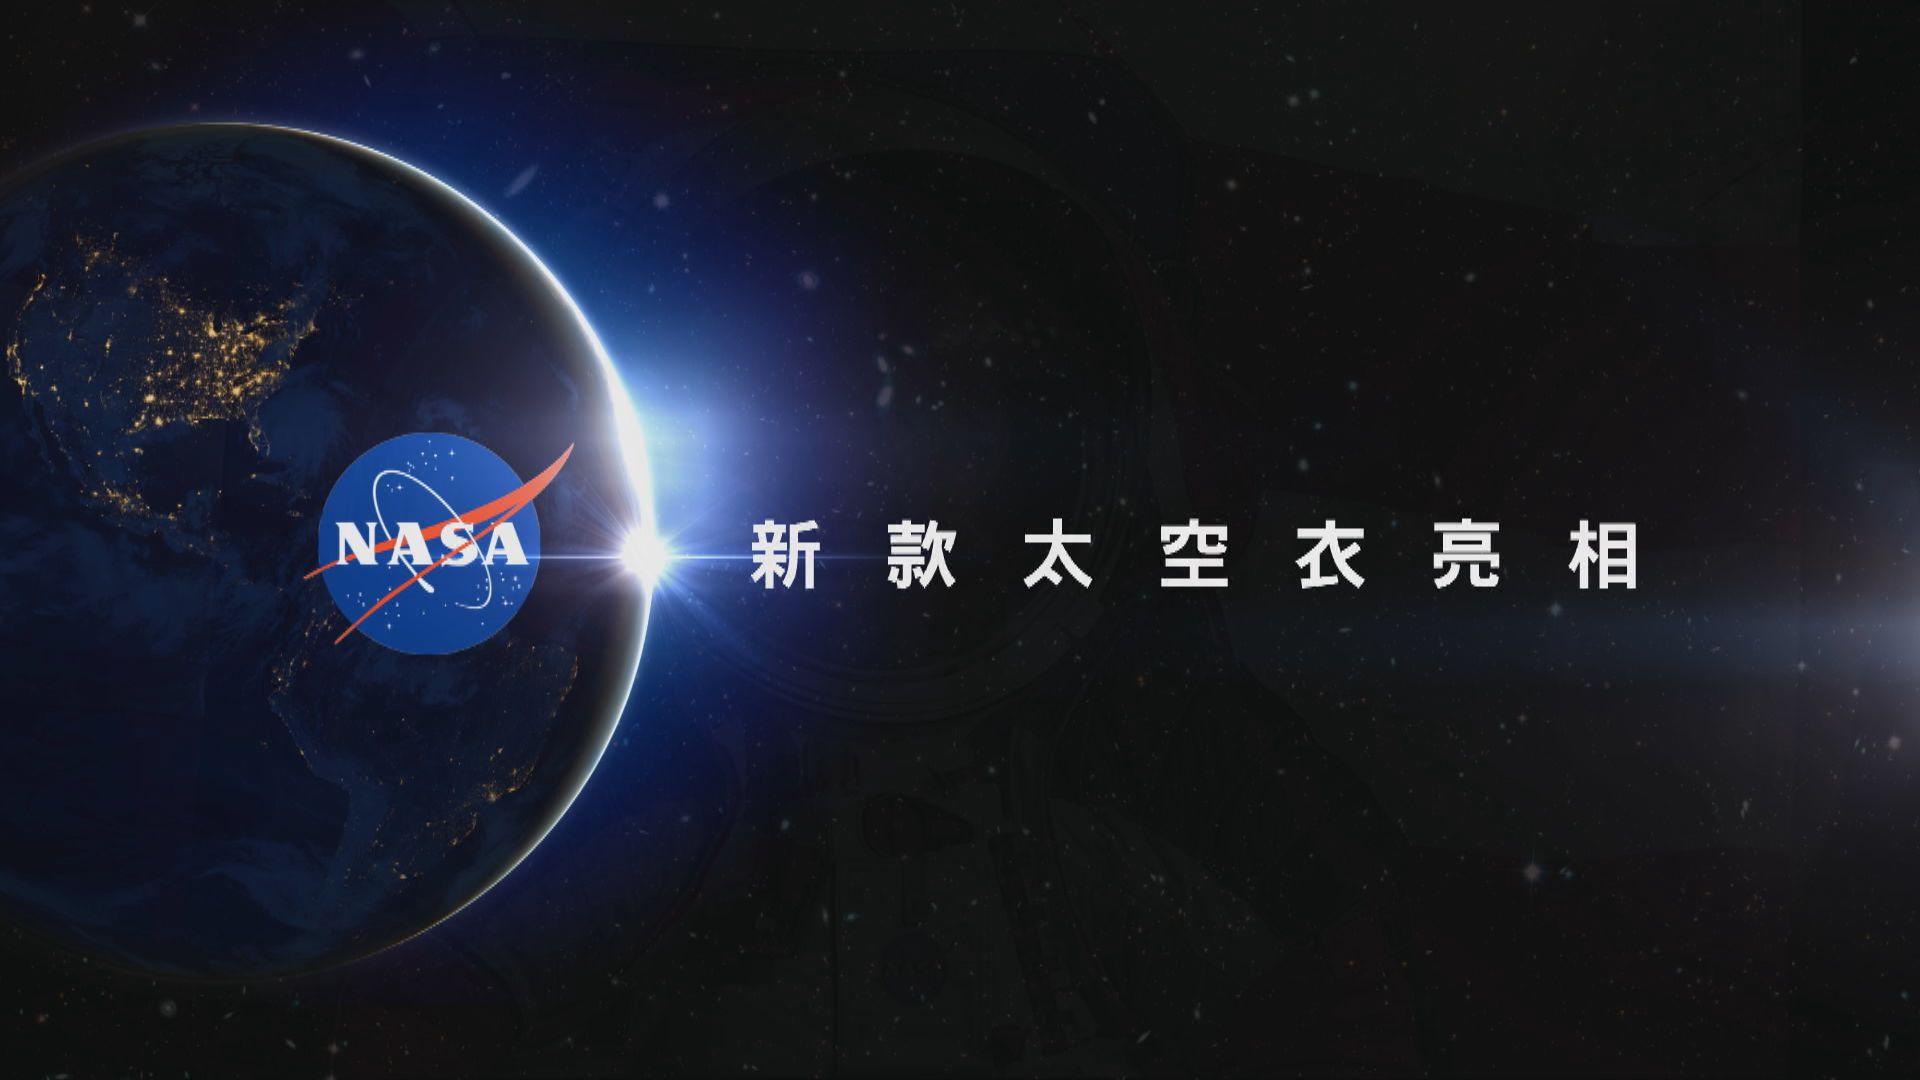 【新聞智庫】美國立志「重返太空」 新款太空衣亮相